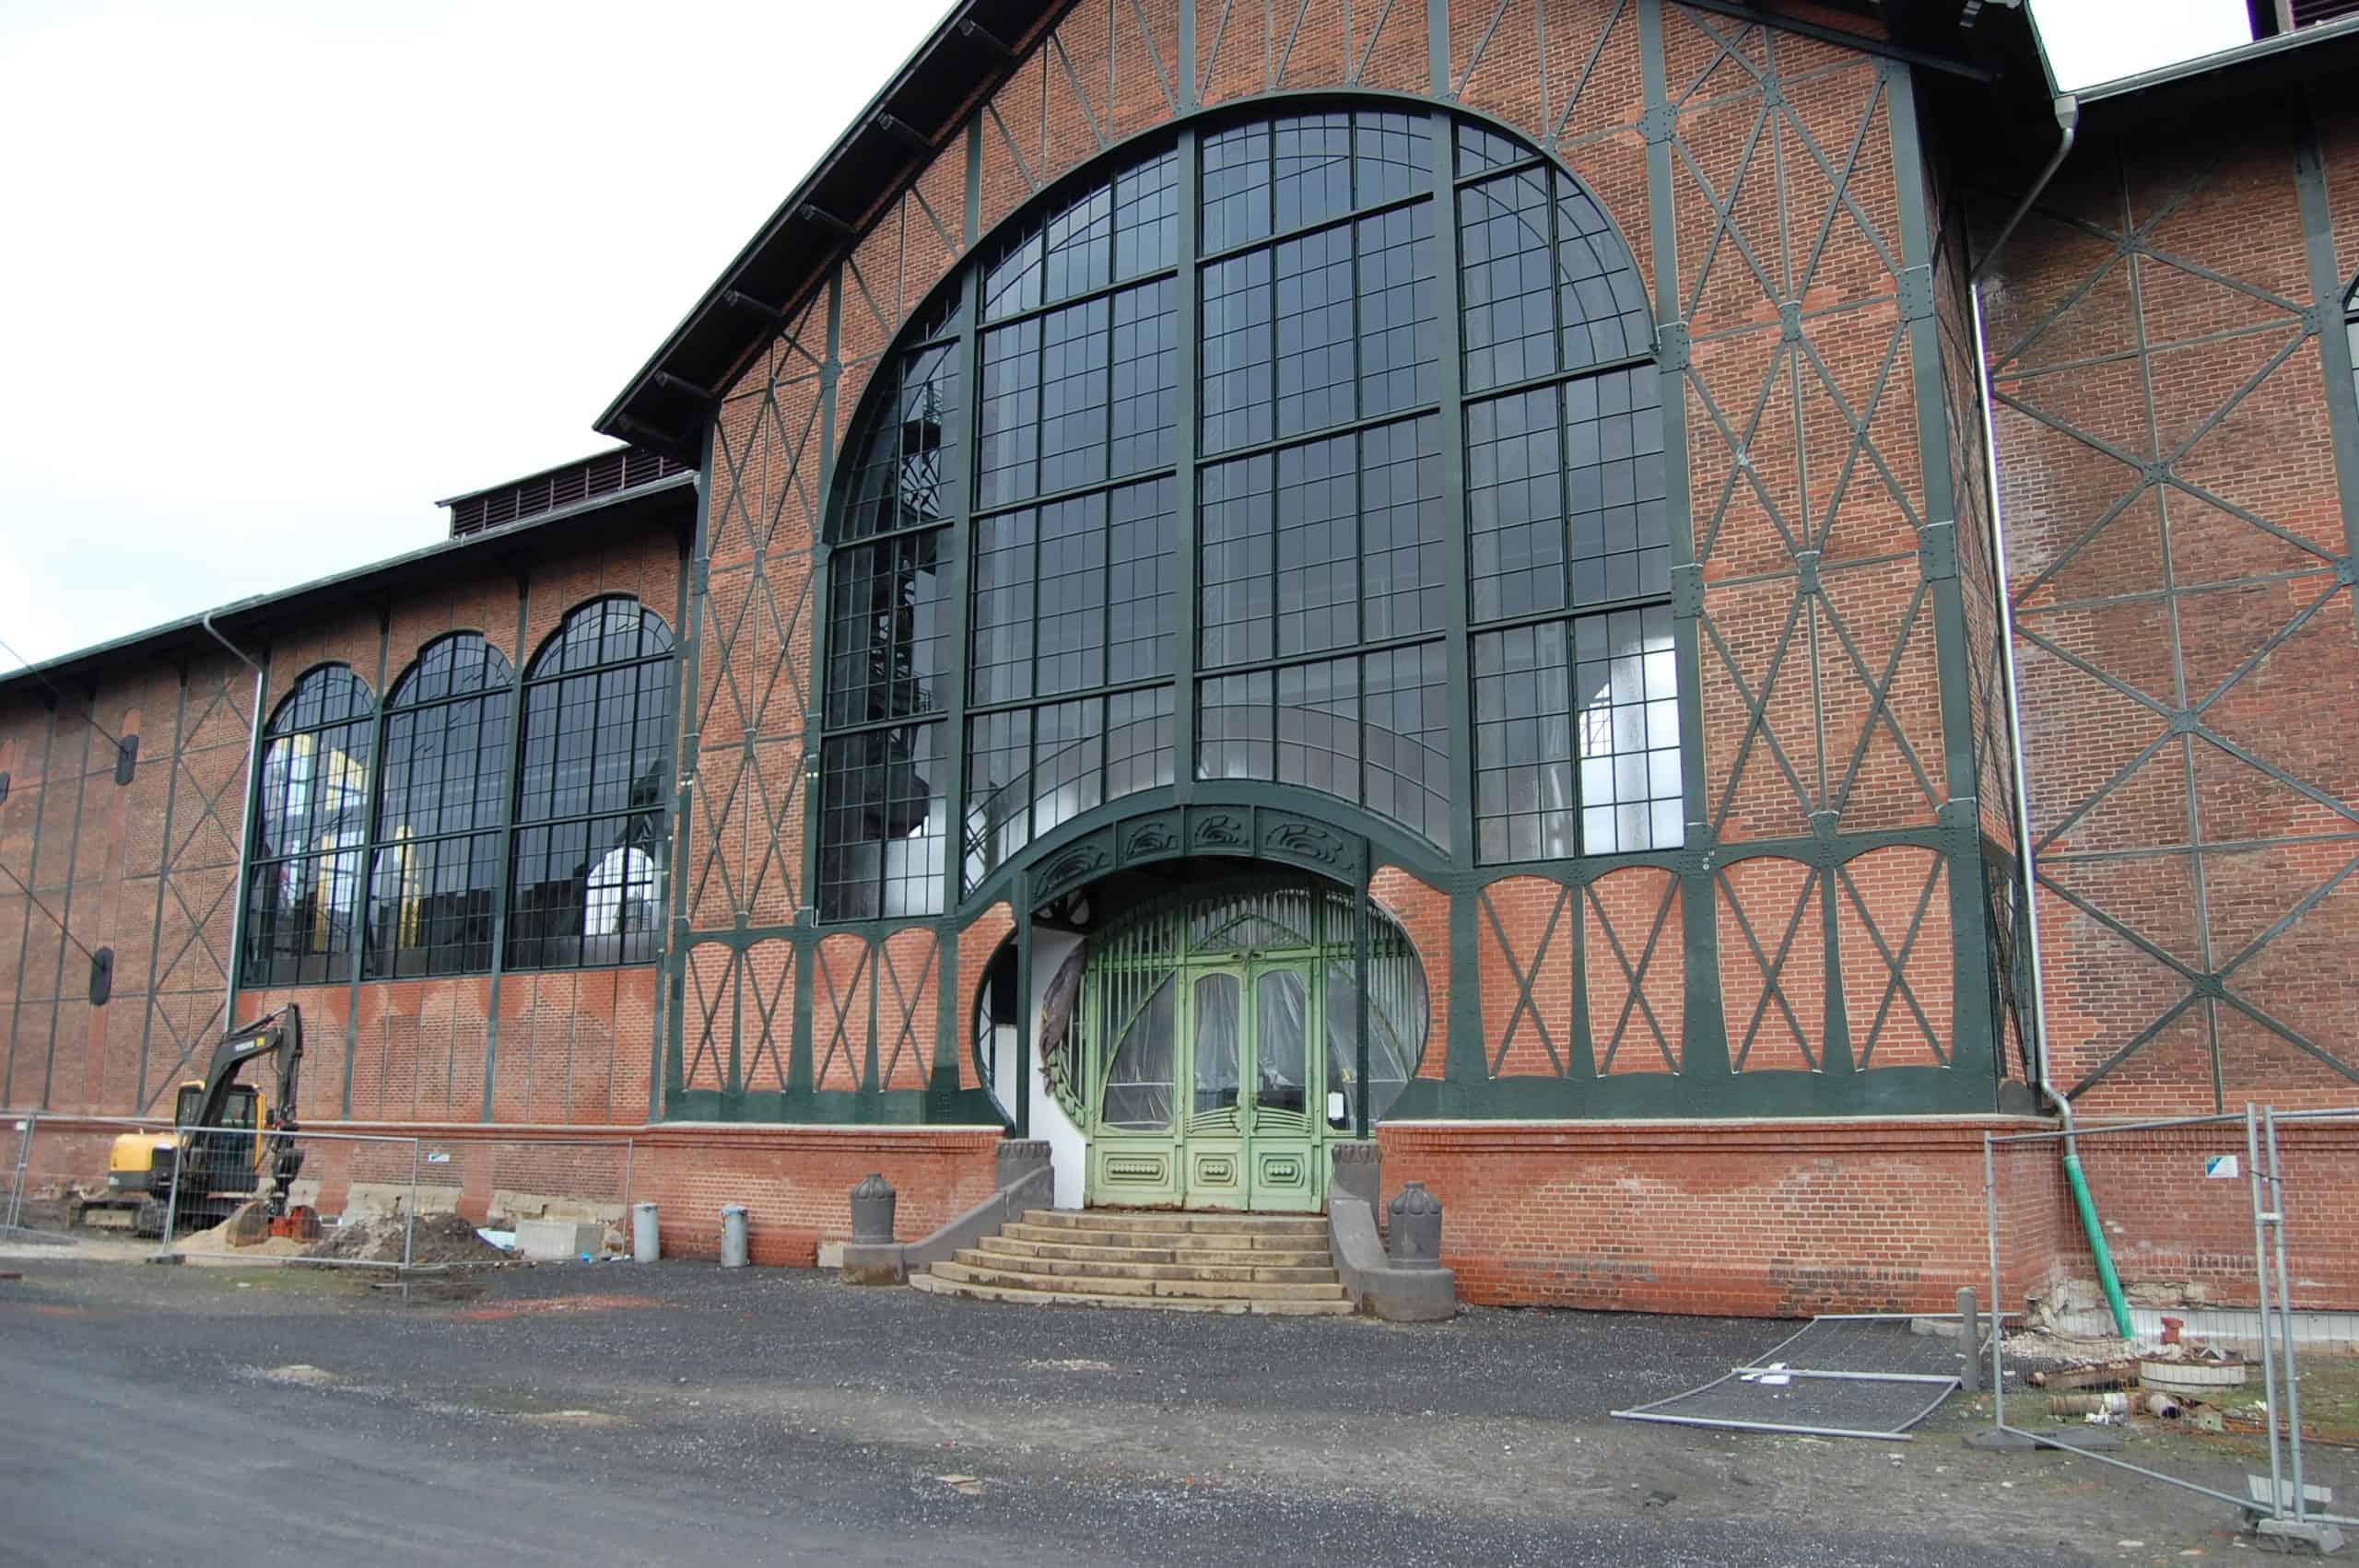 Eingang zur Maschinenhalle der Zeche Zollern II/IV in Dortmund-Bövinghausen, Foto: Revierkohle